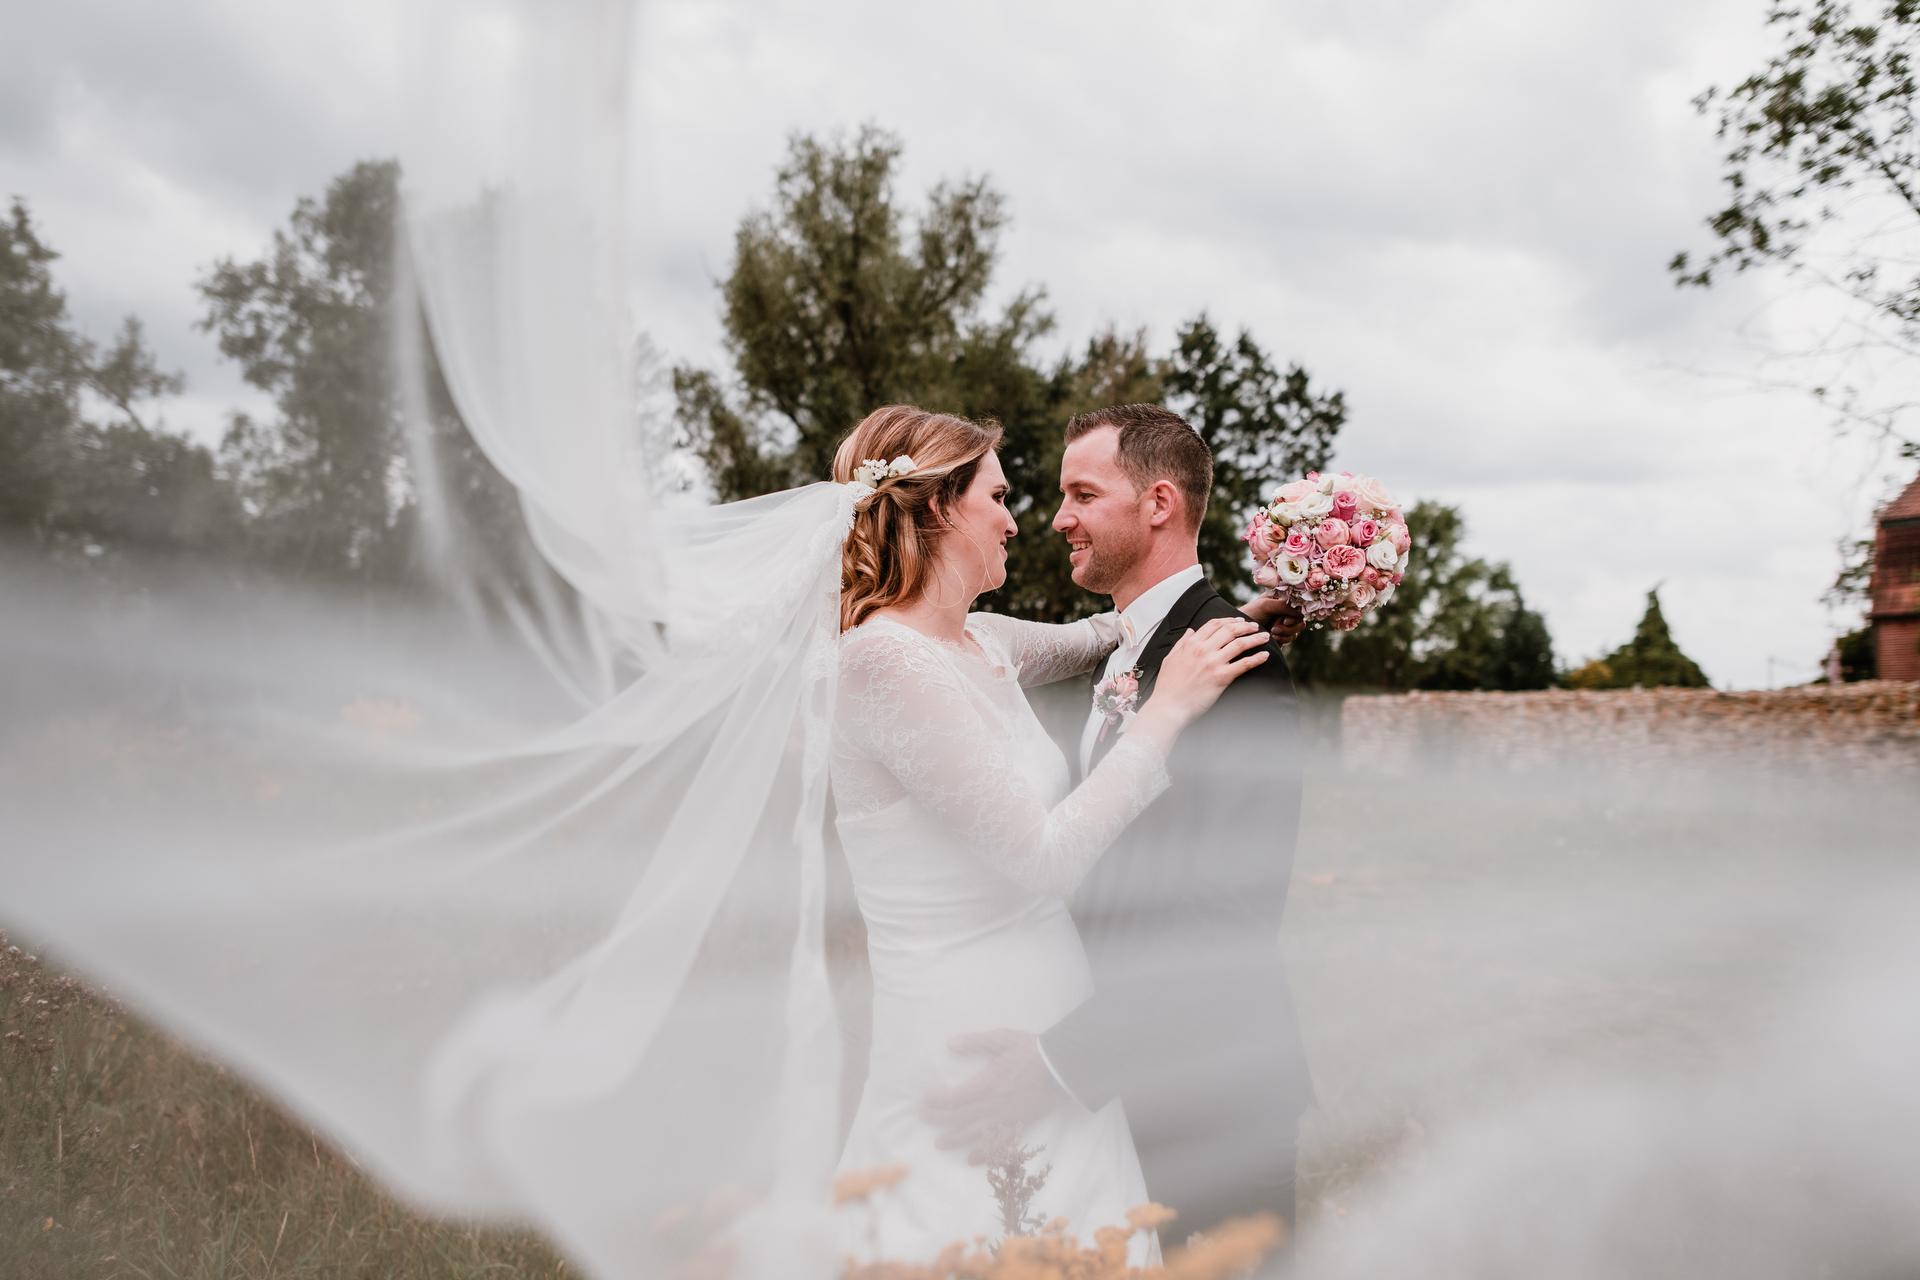 2019-08-10-Hochzeit-Tanja-Oliver-188